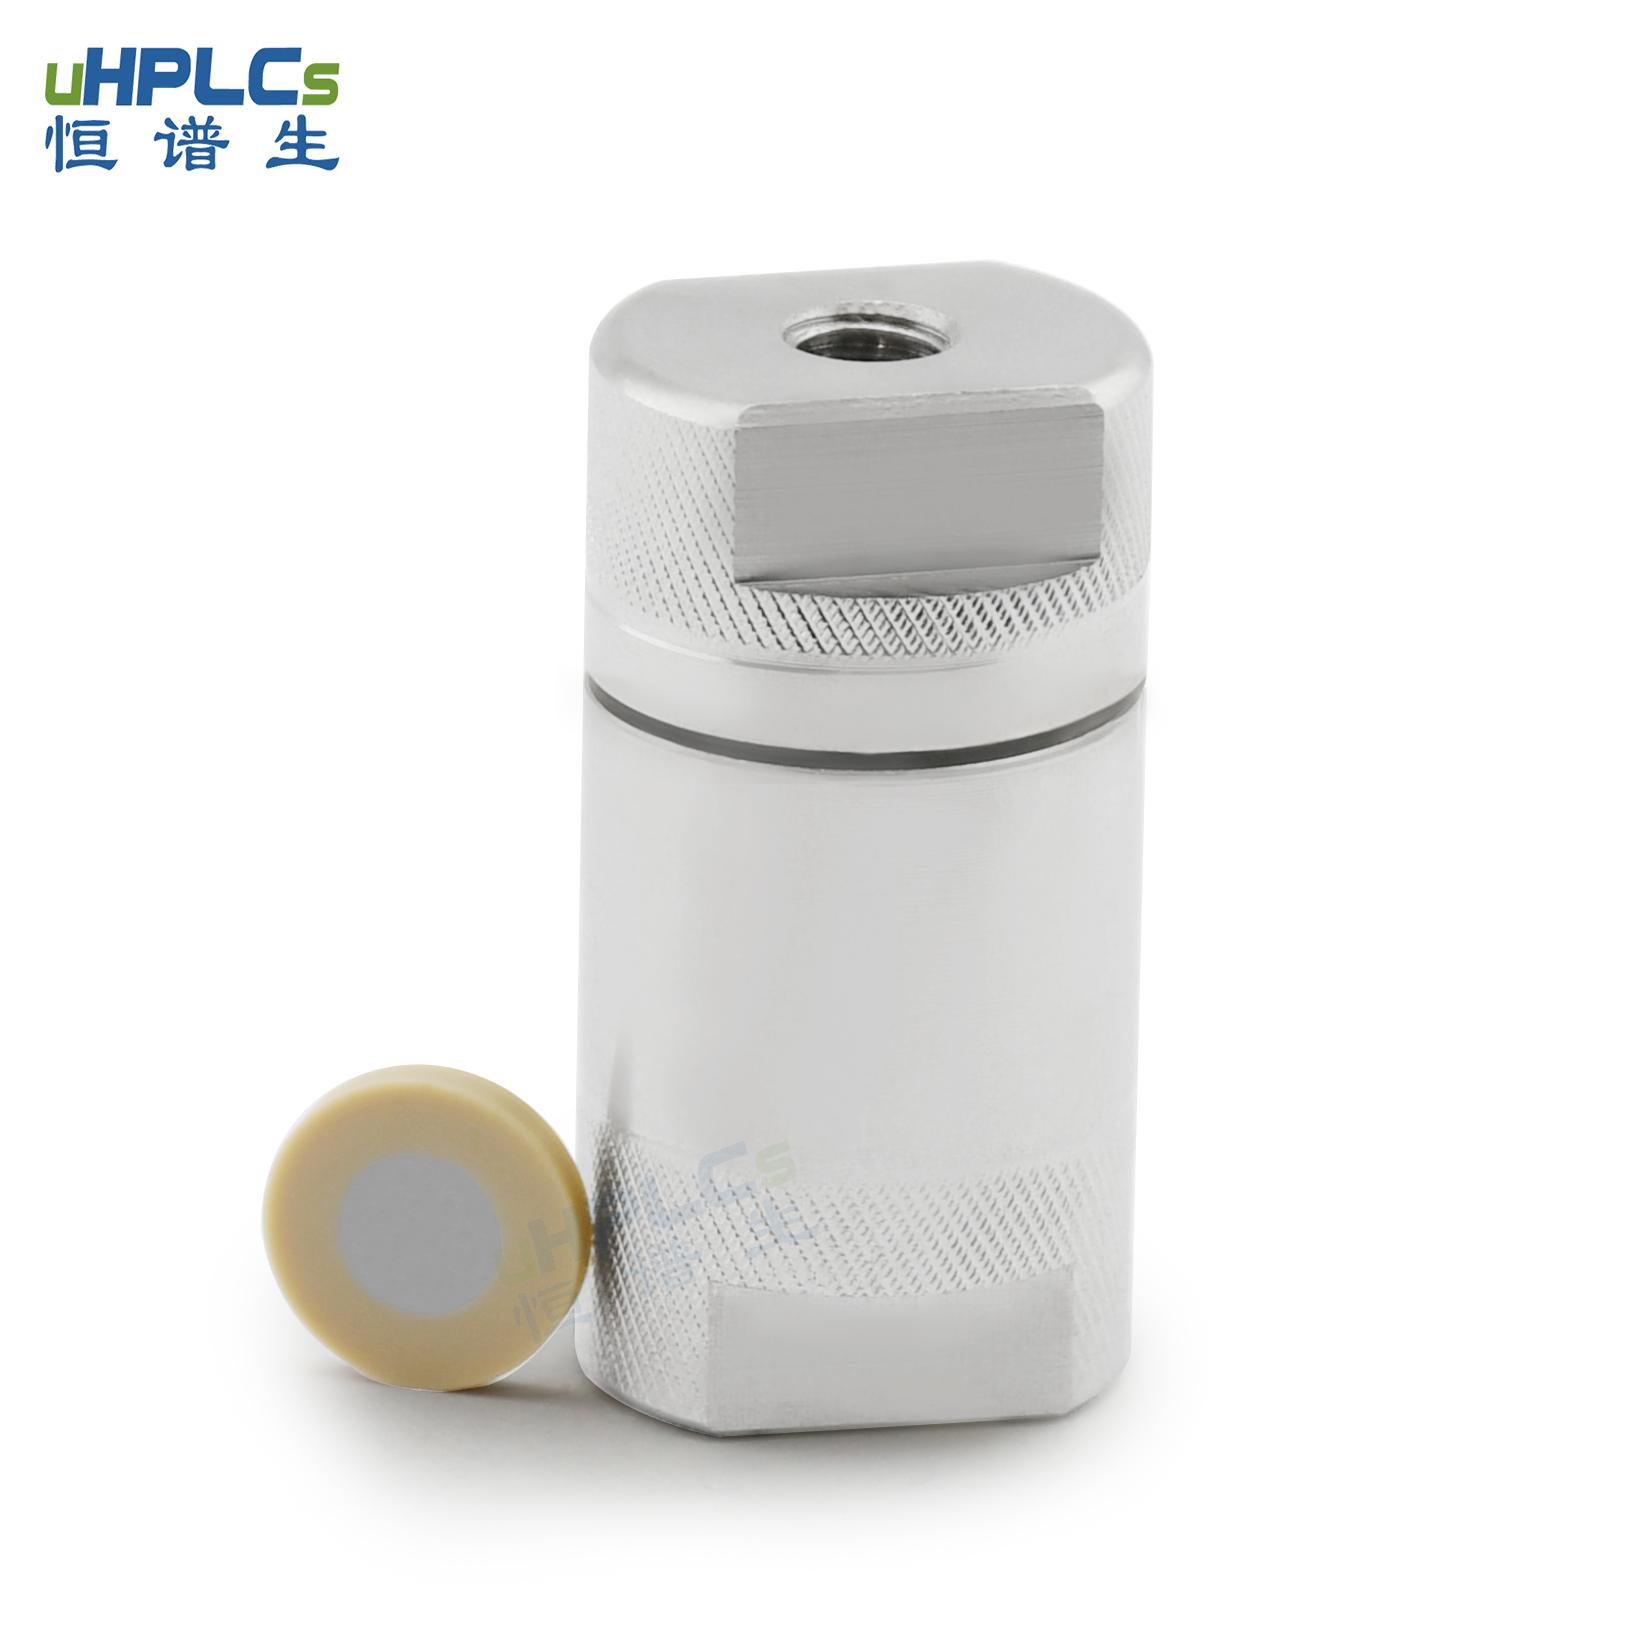 恒谱生4.6#分析在线过滤器适用于HPLC泵和脱气机备件的液相在线过滤器 Featured Image